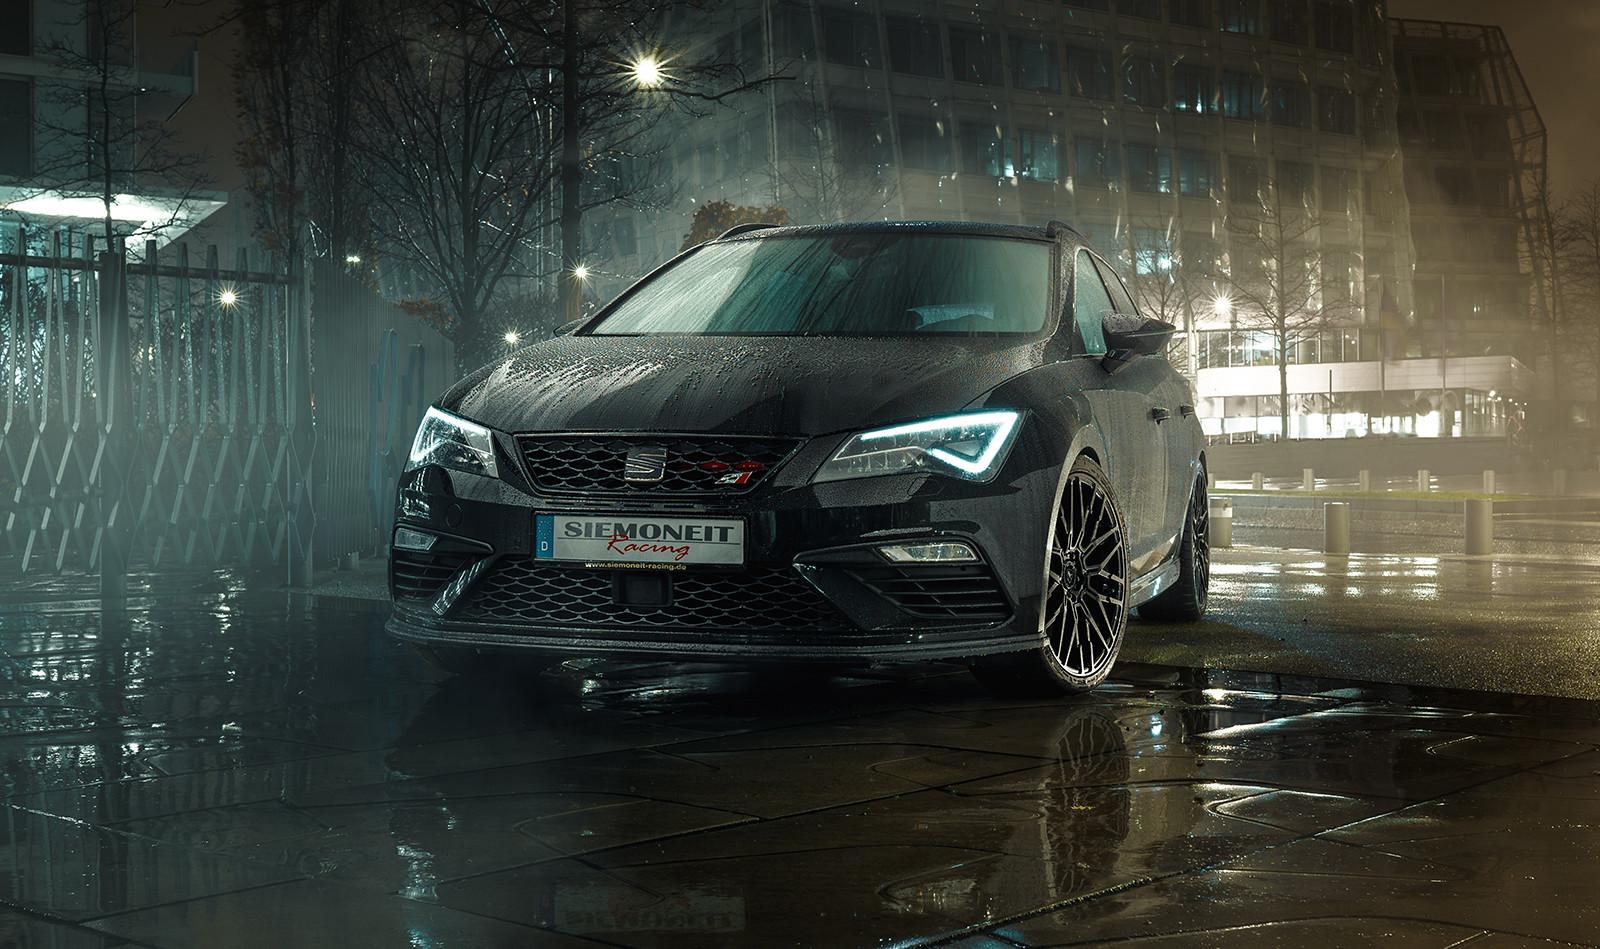 Мастерская Siemoneit Racing (Германия) представила программу улучшения универсала Seat Leon ST Cupra